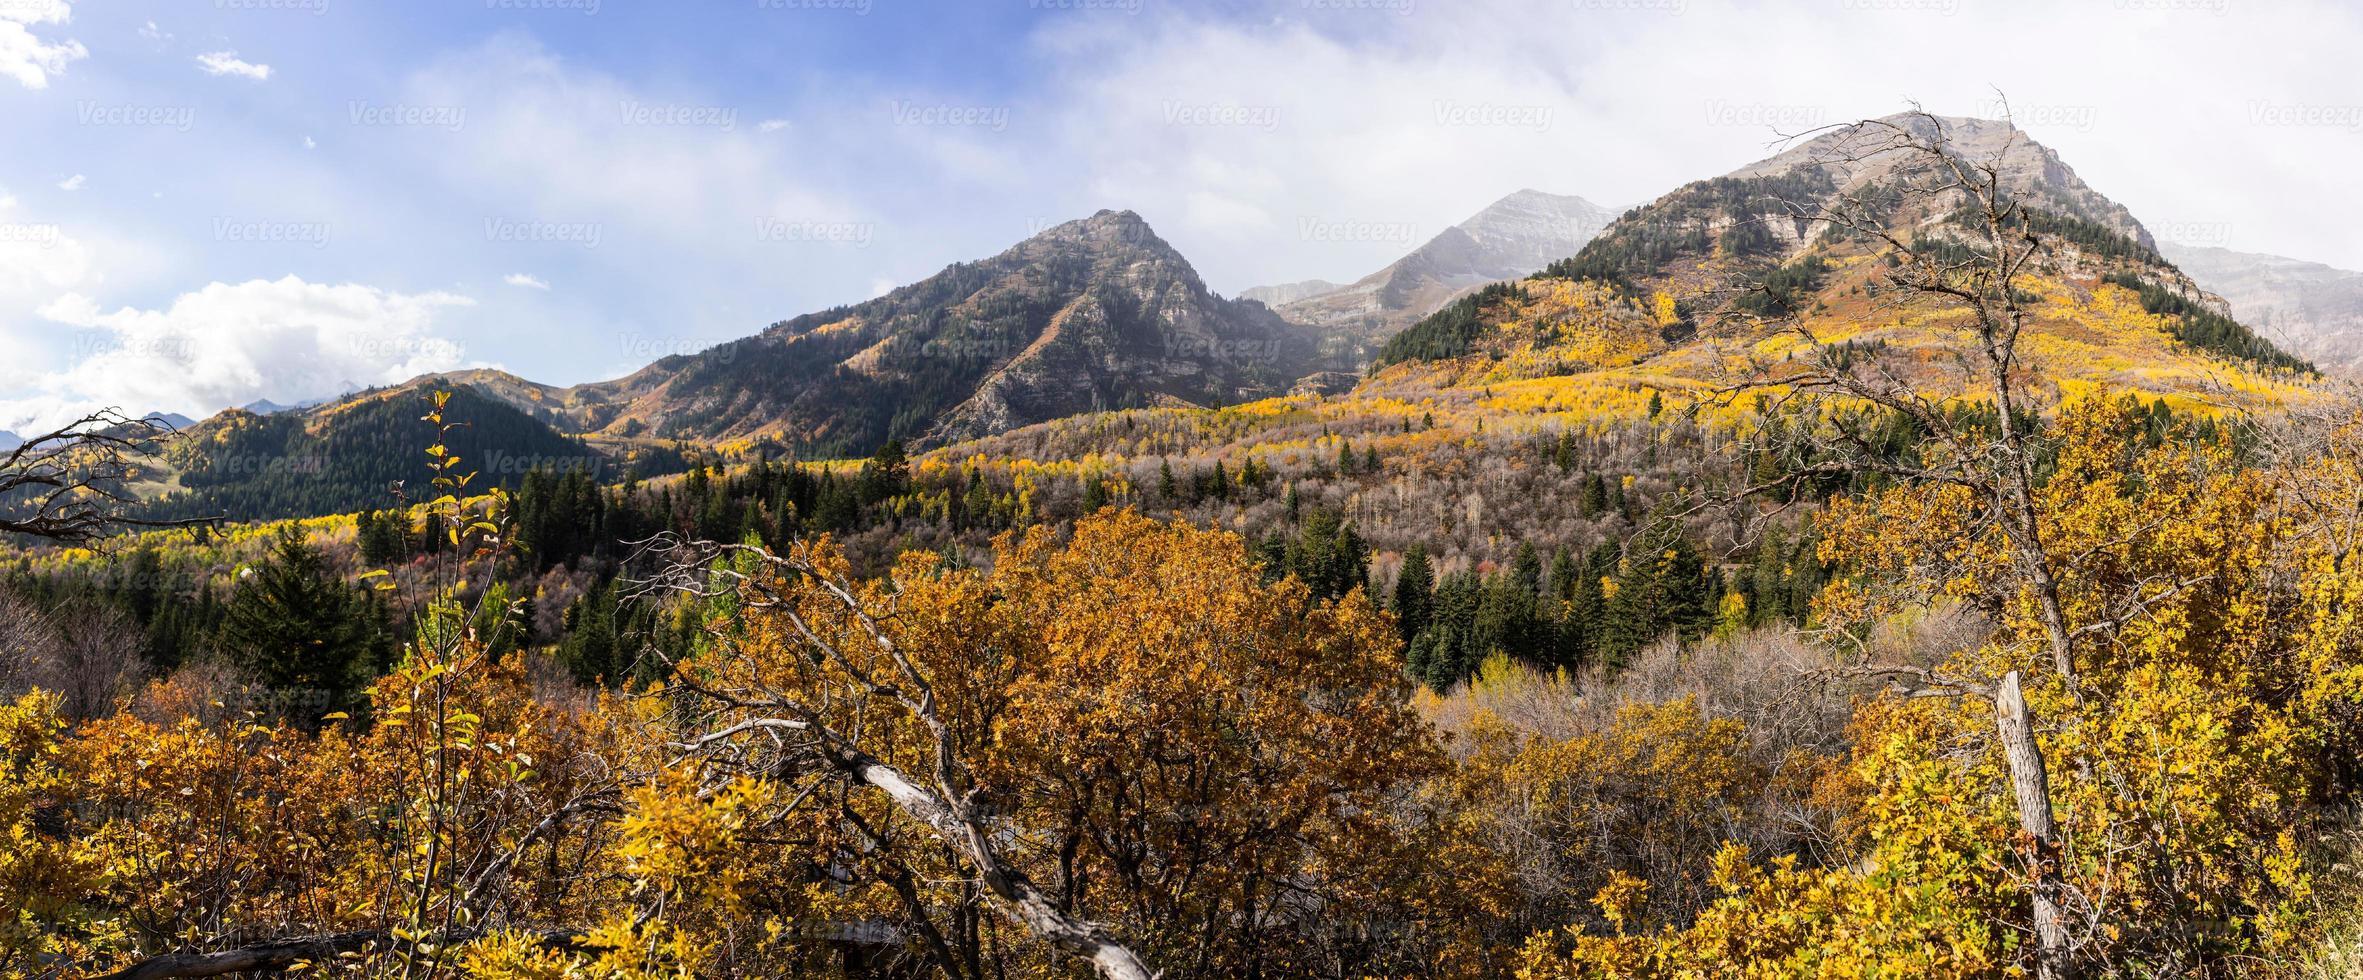 herfst in de wasatch-bergen langs de Alpenlus (Utah) foto